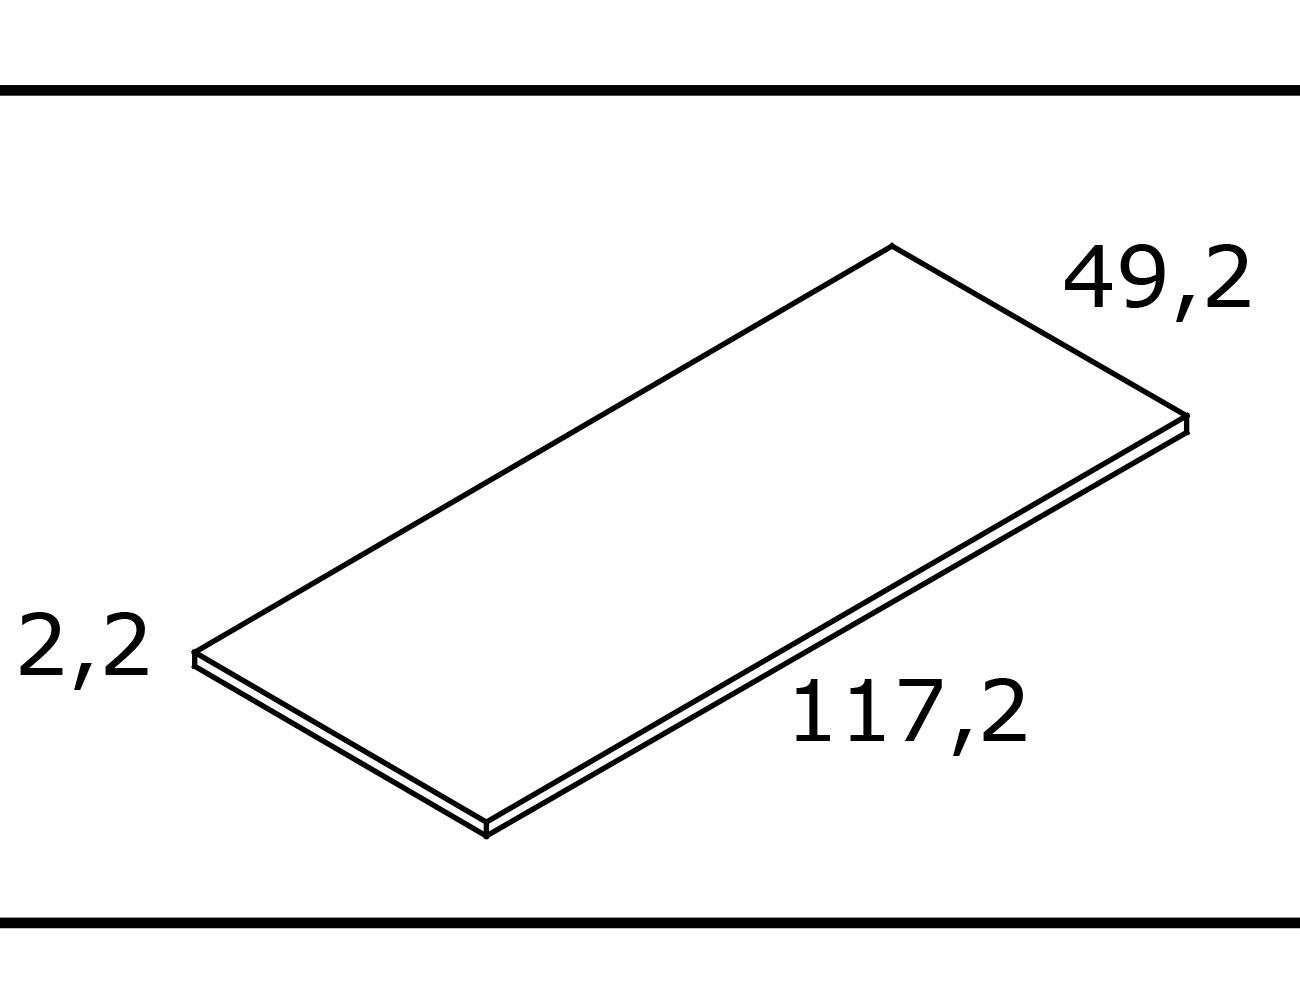 Cnx154